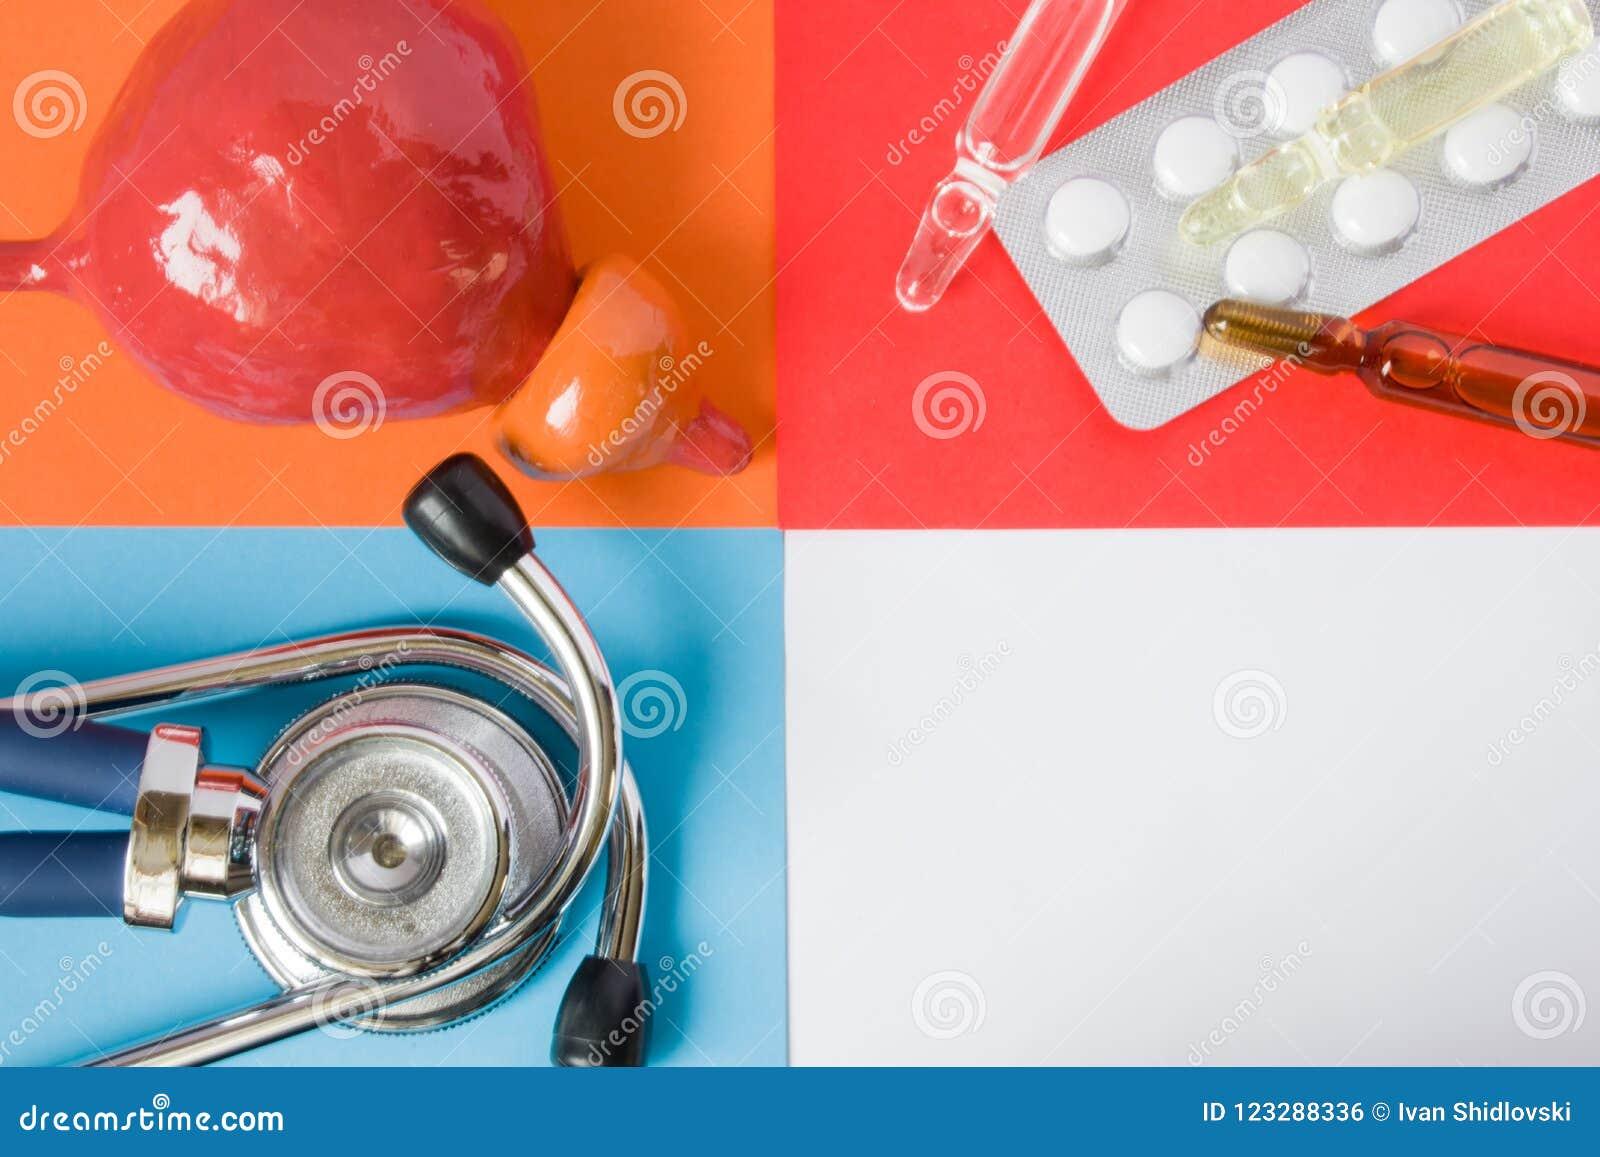 Medizinische oder GesundheitswesenKonzept- des Entwurfesfotoorganprostata, medizinisches Werkzeugdiagnosestethoskop und Medikatio